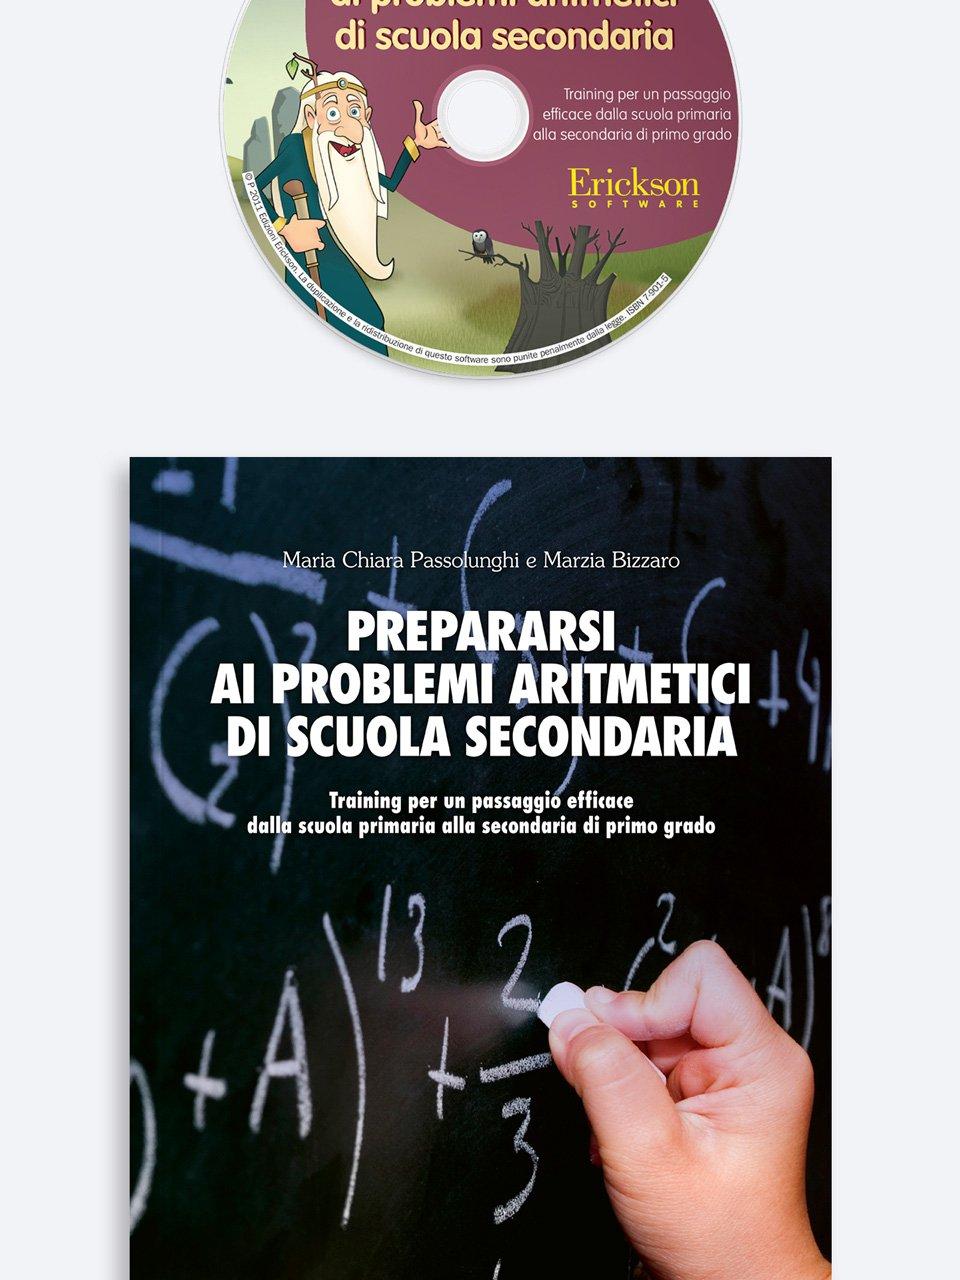 Prepararsi ai problemi aritmetici di scuola secondaria - Le proposte Erickson per i compiti-delle-vacanze - Erickson 3